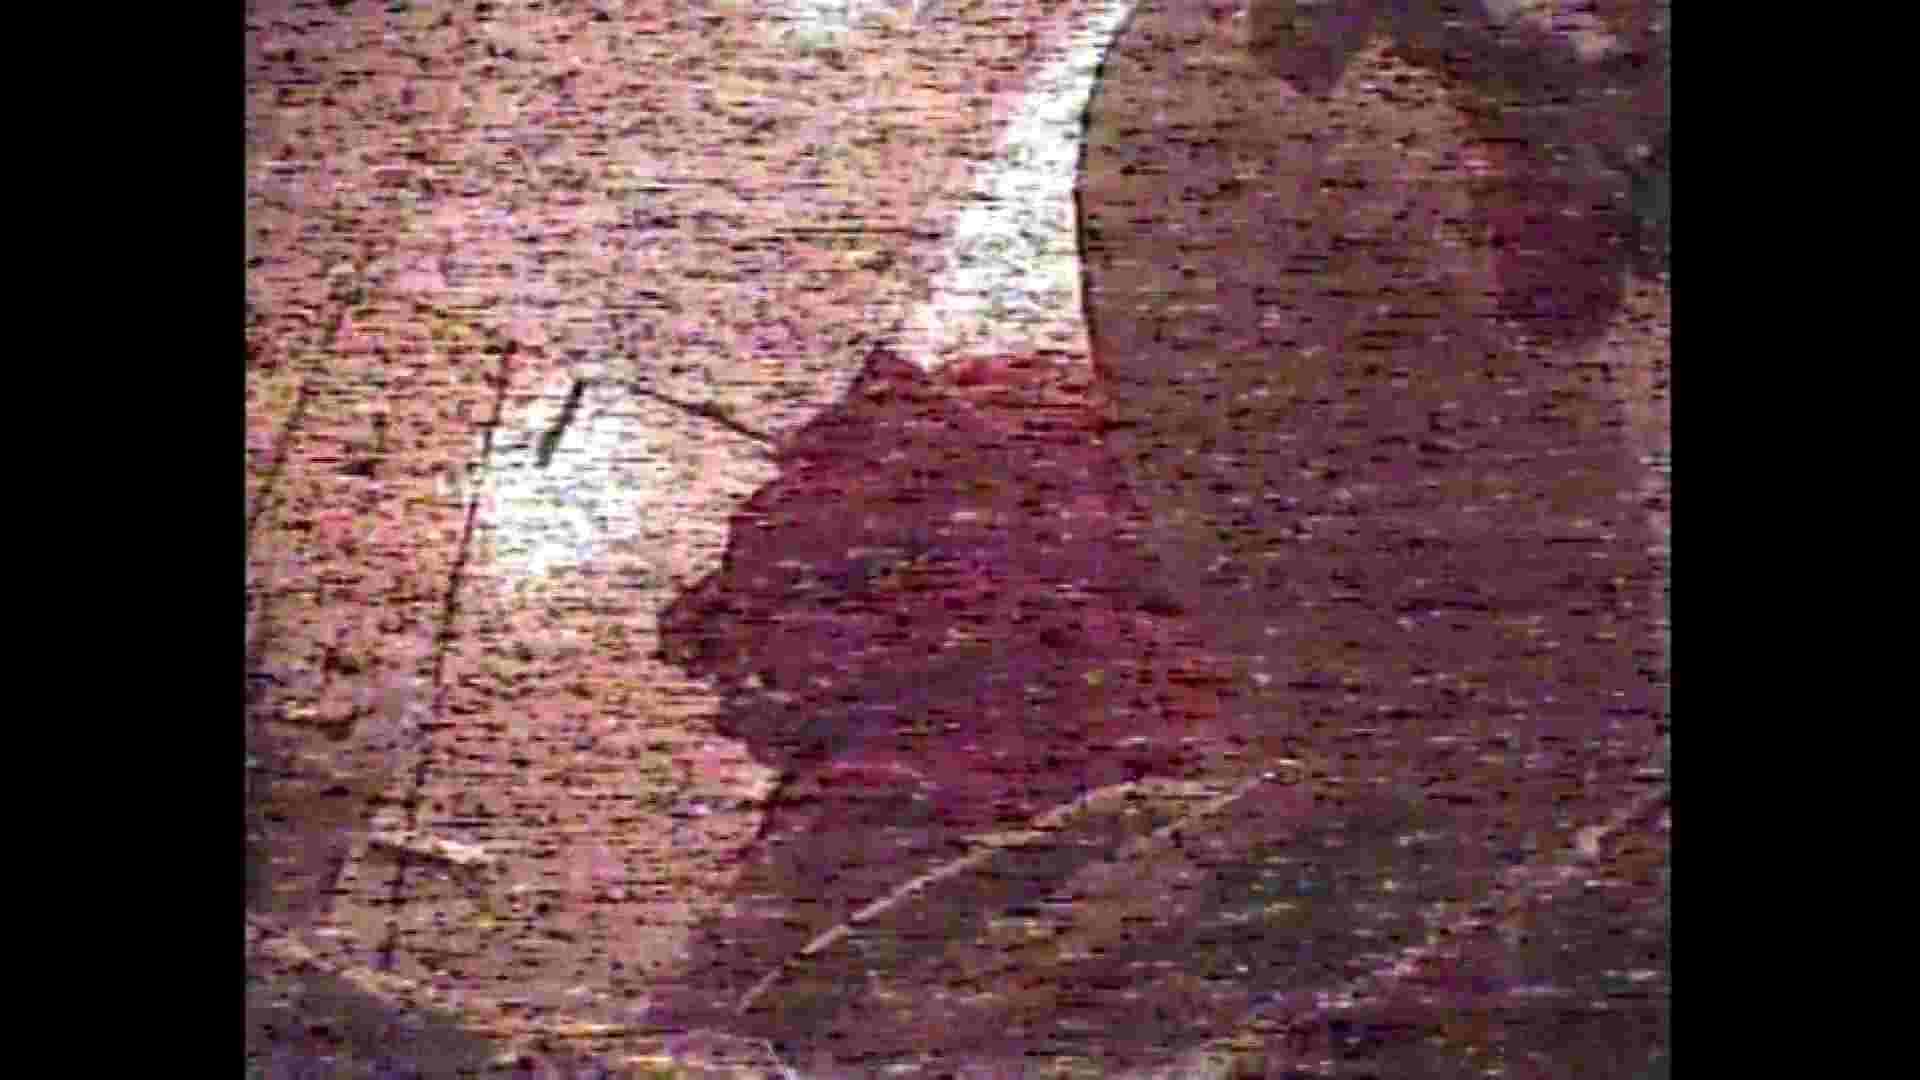 レース場での秘め事 Vol.10 お姉さん攻略 おまんこ動画流出 80画像 76